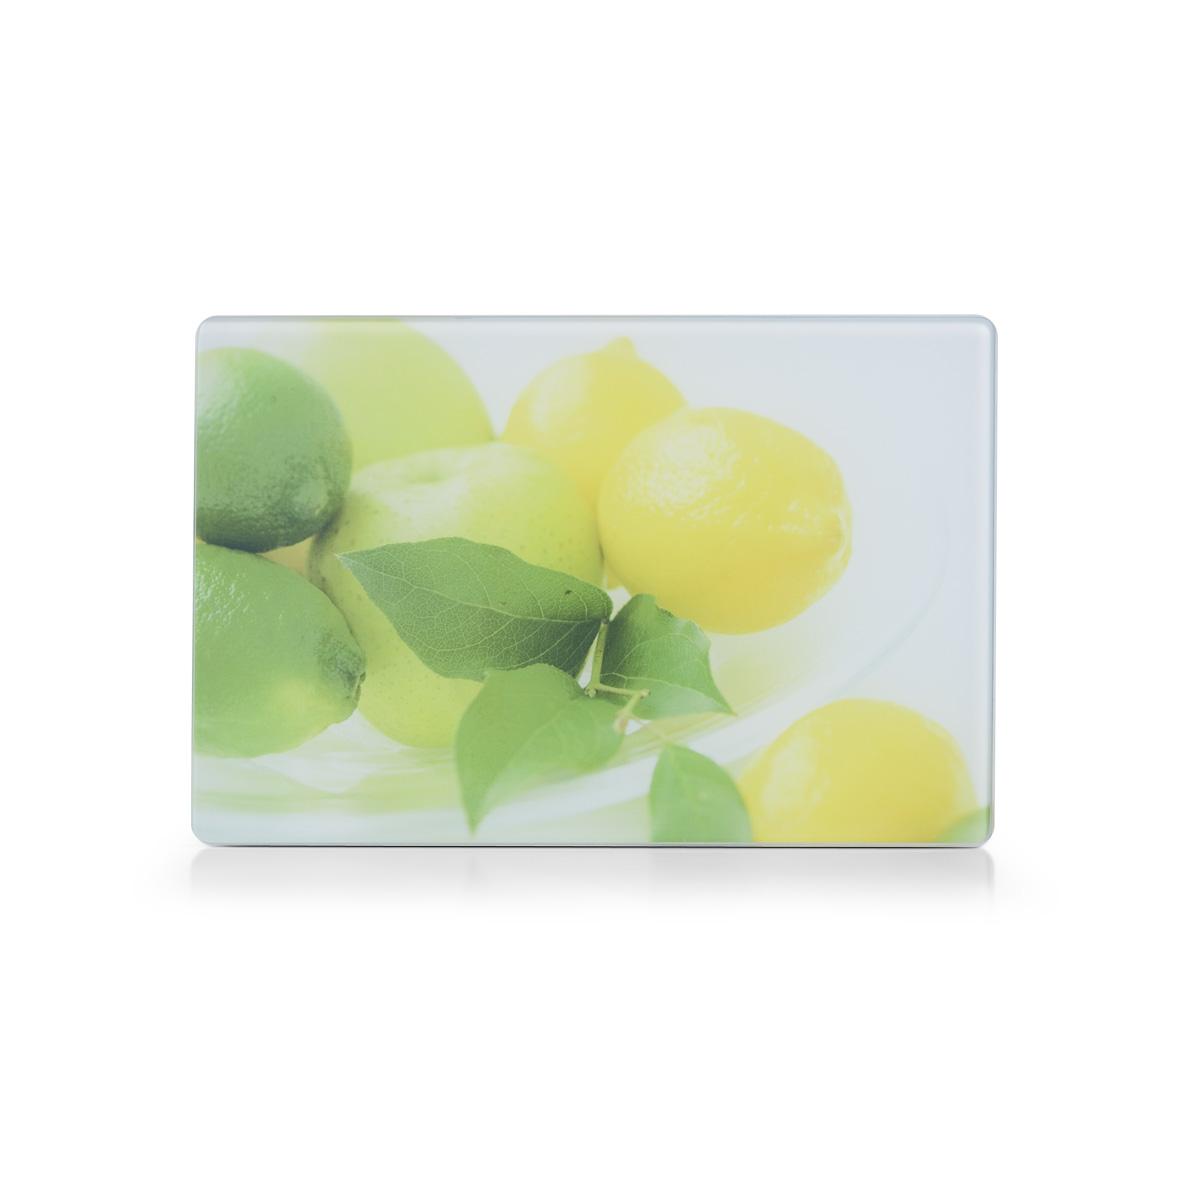 Доска разделочная Zeller Лимоны, стеклянная, 30 х 20 см26261Разделочная доска Zeller Лимоны выполнена из жароустойчивого стекла. Изделие, украшенное красочным изображением спелых яблок, лимонов и лайма, идеально впишется в интерьер современной кухни. Изделие легко чистить от пятен и жира. Также доску можно применять как подставку под горячее. Доска оснащена резиновыми ножками, предотвращающими скольжение по поверхности стола.Разделочная доска Zeller Лимоны украсит ваш стол и сбережет его от воздействия высоких температур ваших кулинарных шедевров.